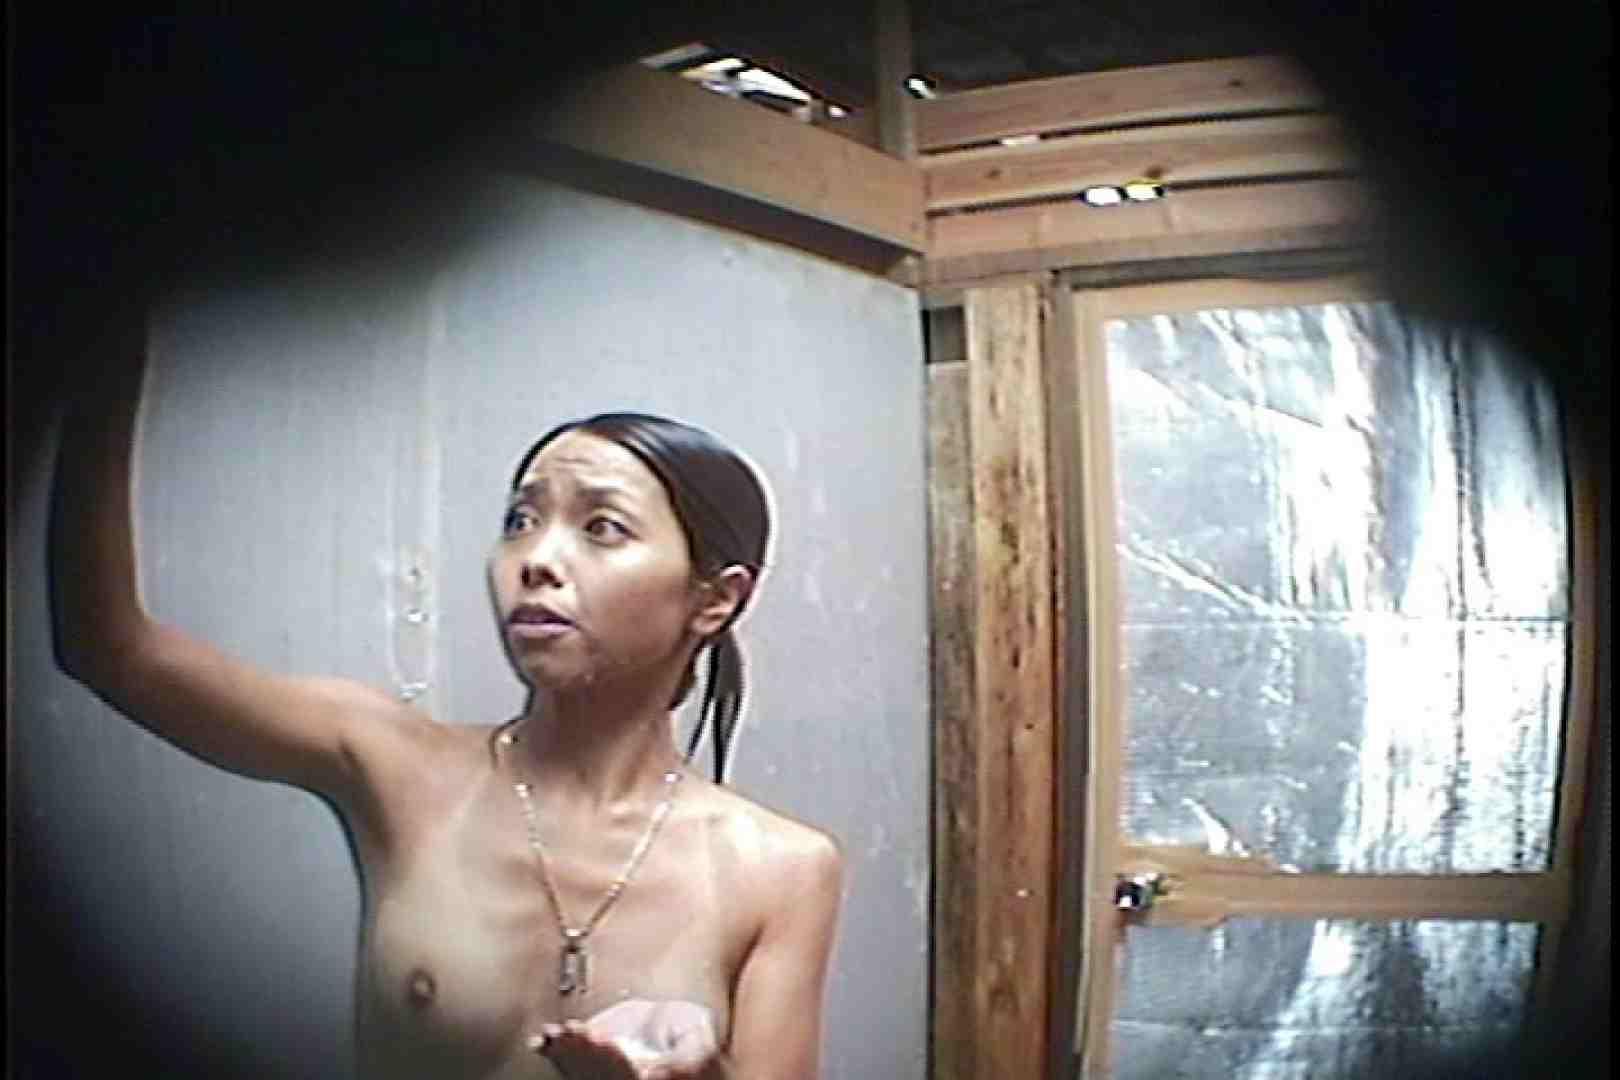 海の家の更衣室 Vol.45 OLの実態 盗撮われめAV動画紹介 90pic 77